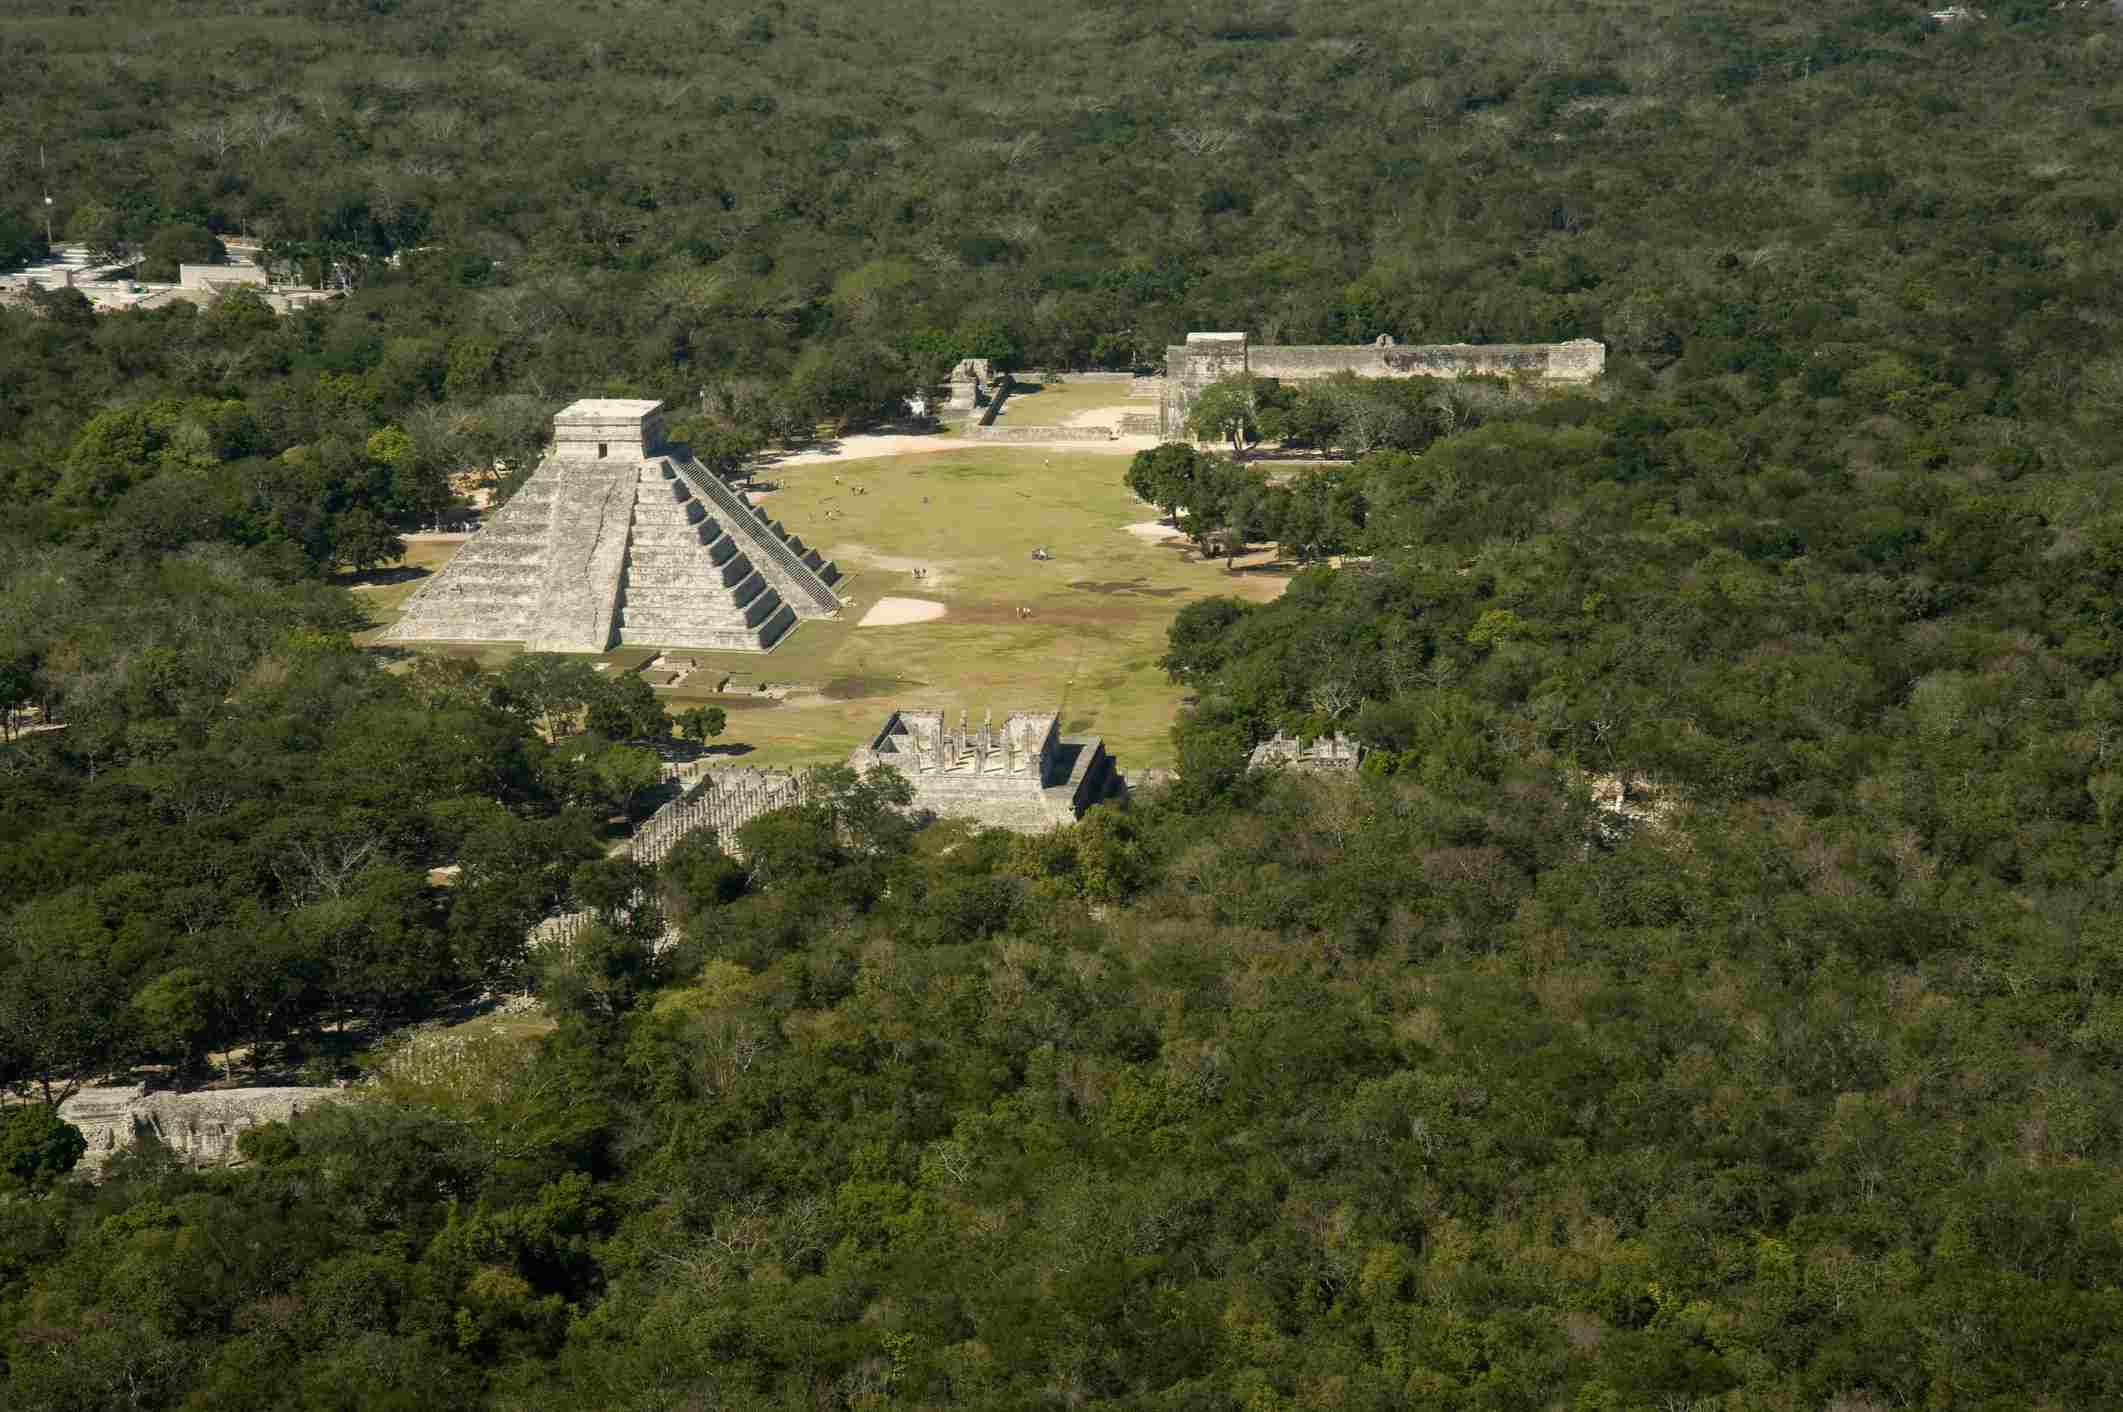 Aerial view of Chichén Itzá